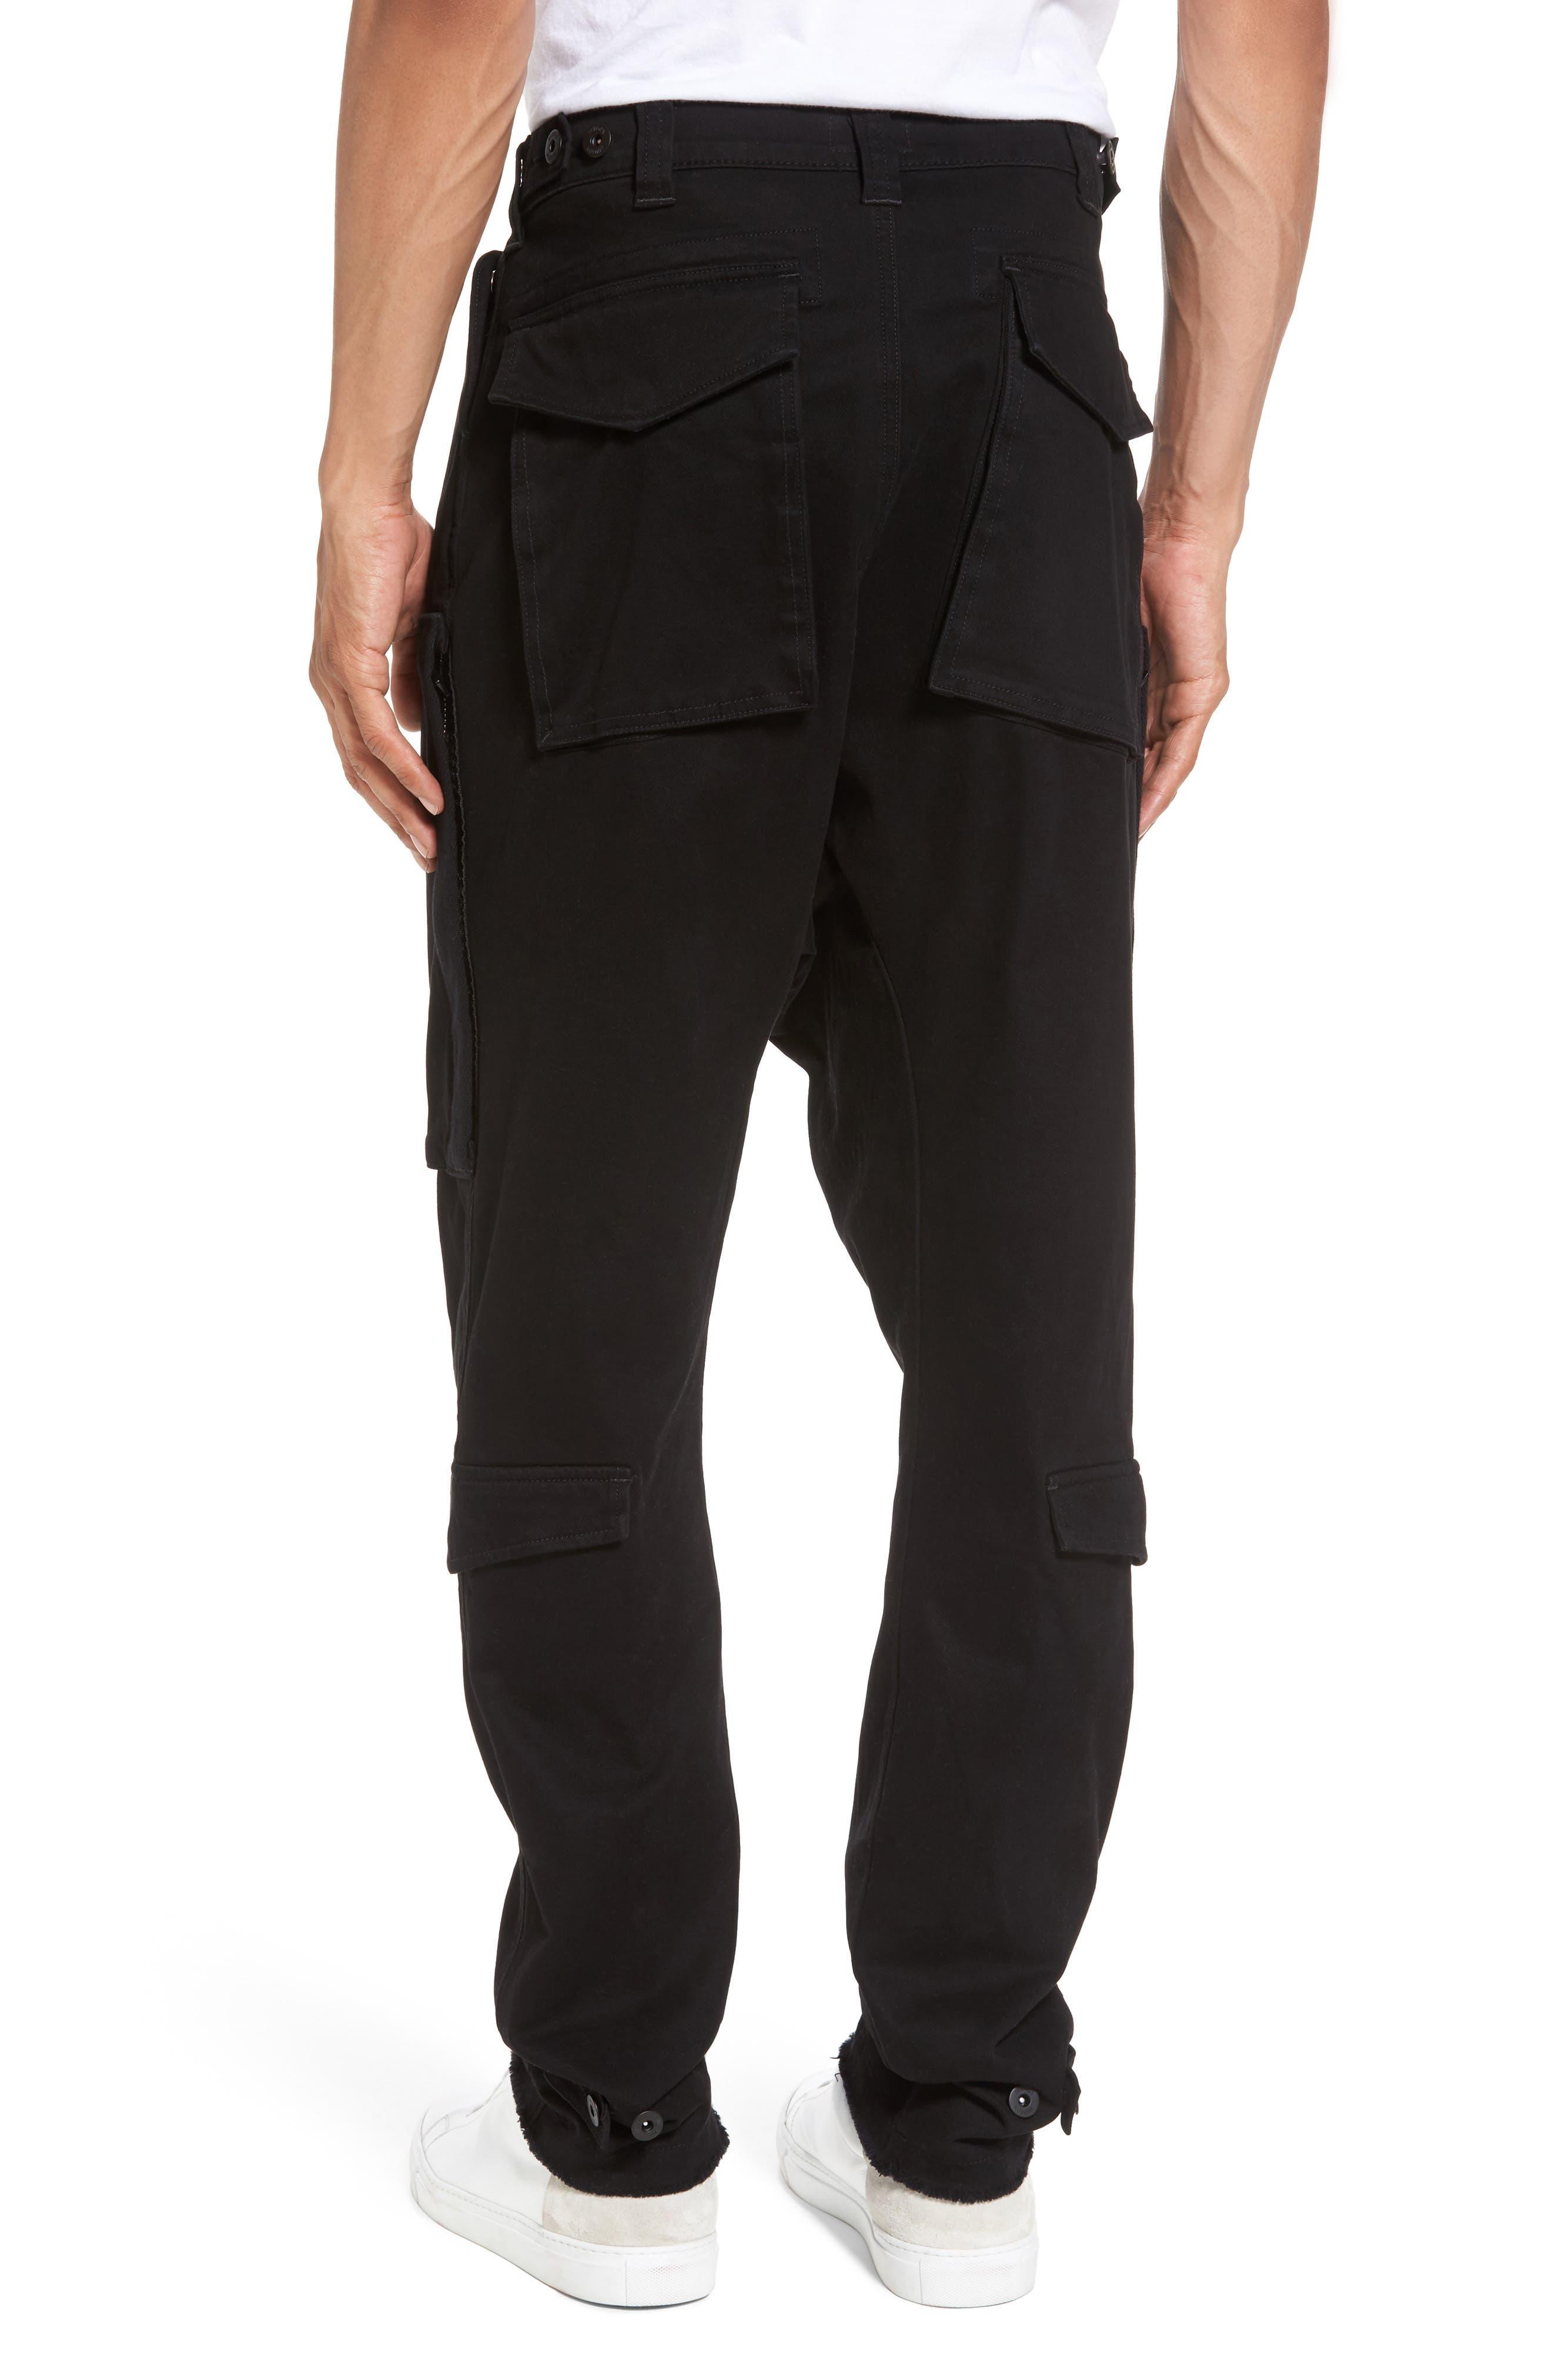 Quint Slouchy Leg Cargo Pants,                             Alternate thumbnail 2, color,                             001